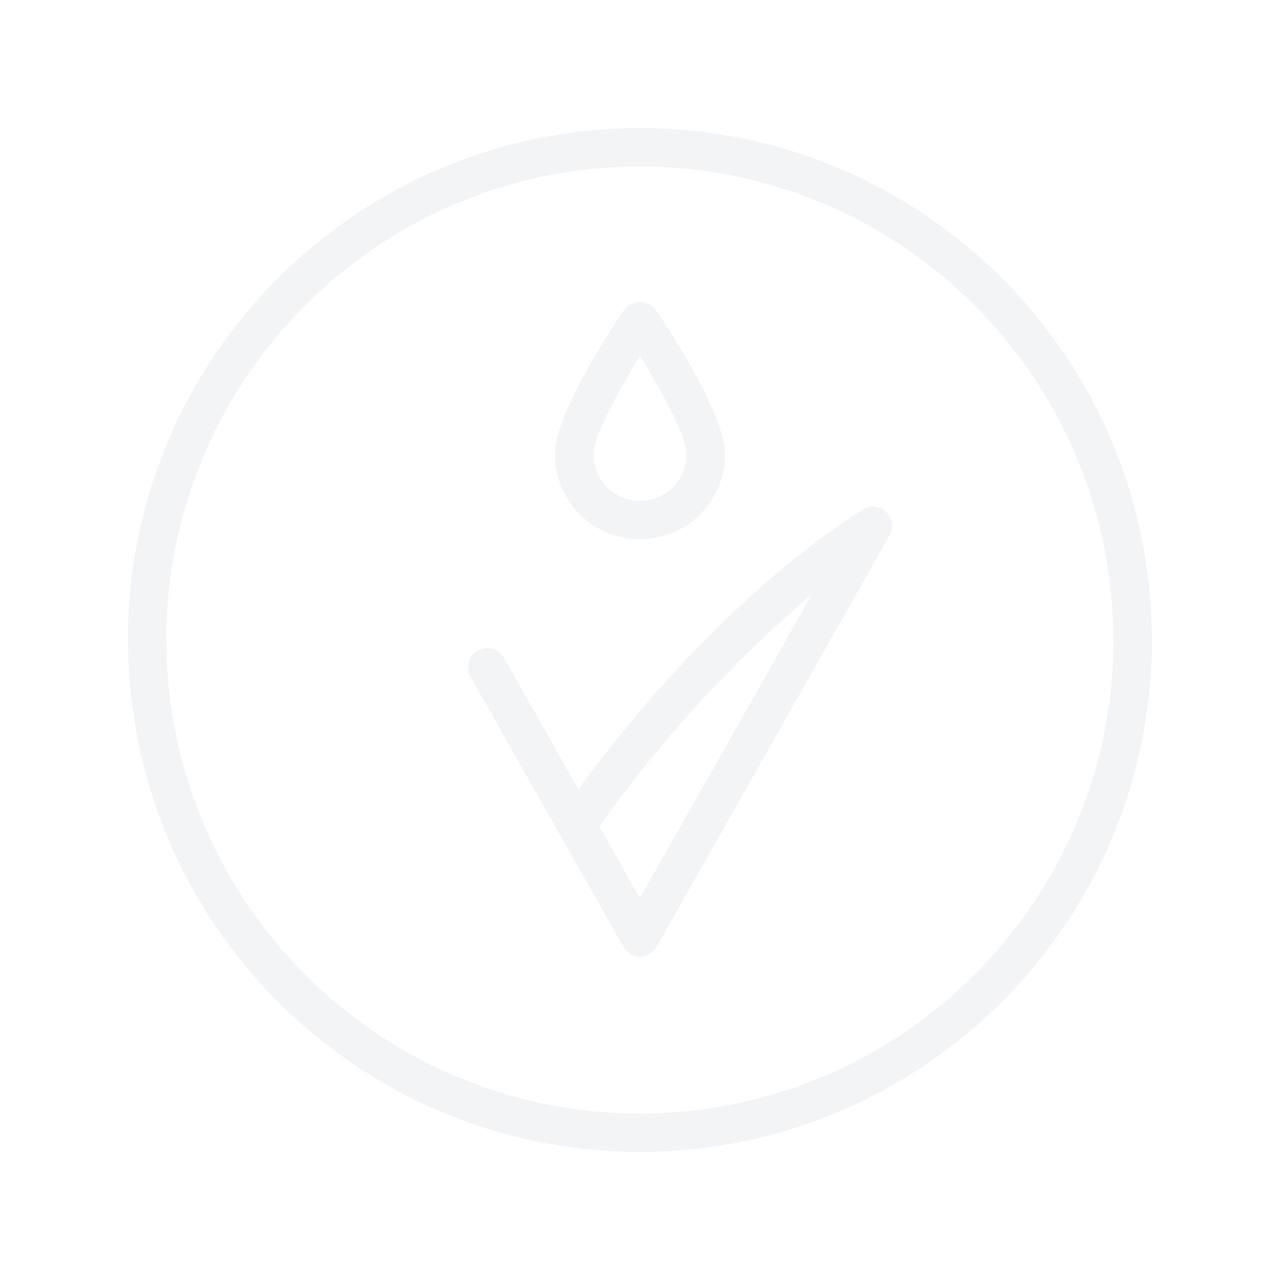 MINIGOLD Snowpealy Earrings